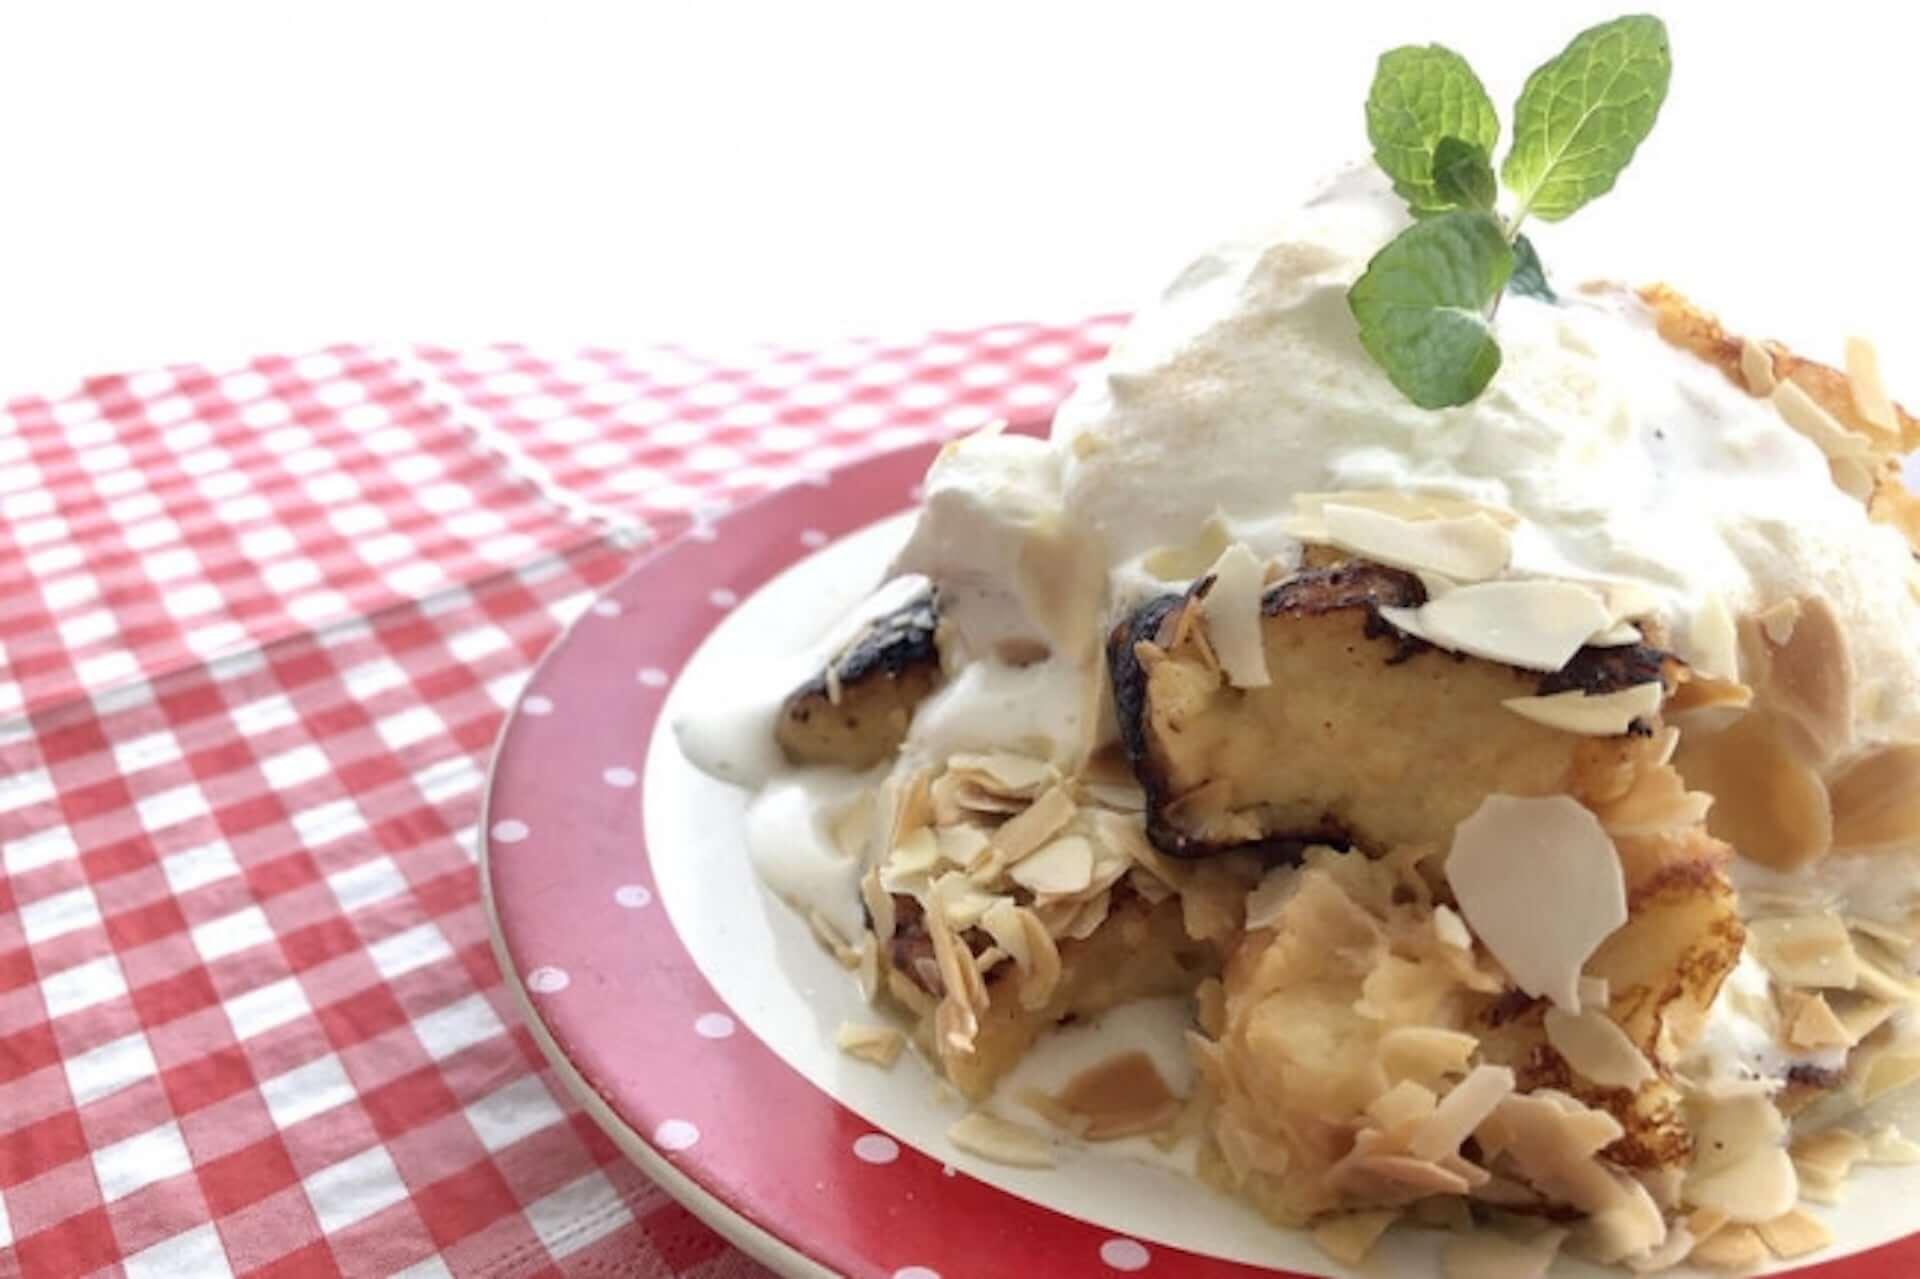 100%りんごジュースで作る超簡単&写真映えレシピ3選|Instagramでも話題沸騰中の「#おうちカフェ」を贅沢に gourmet200514_ouchi_cafe_5-1920x1279